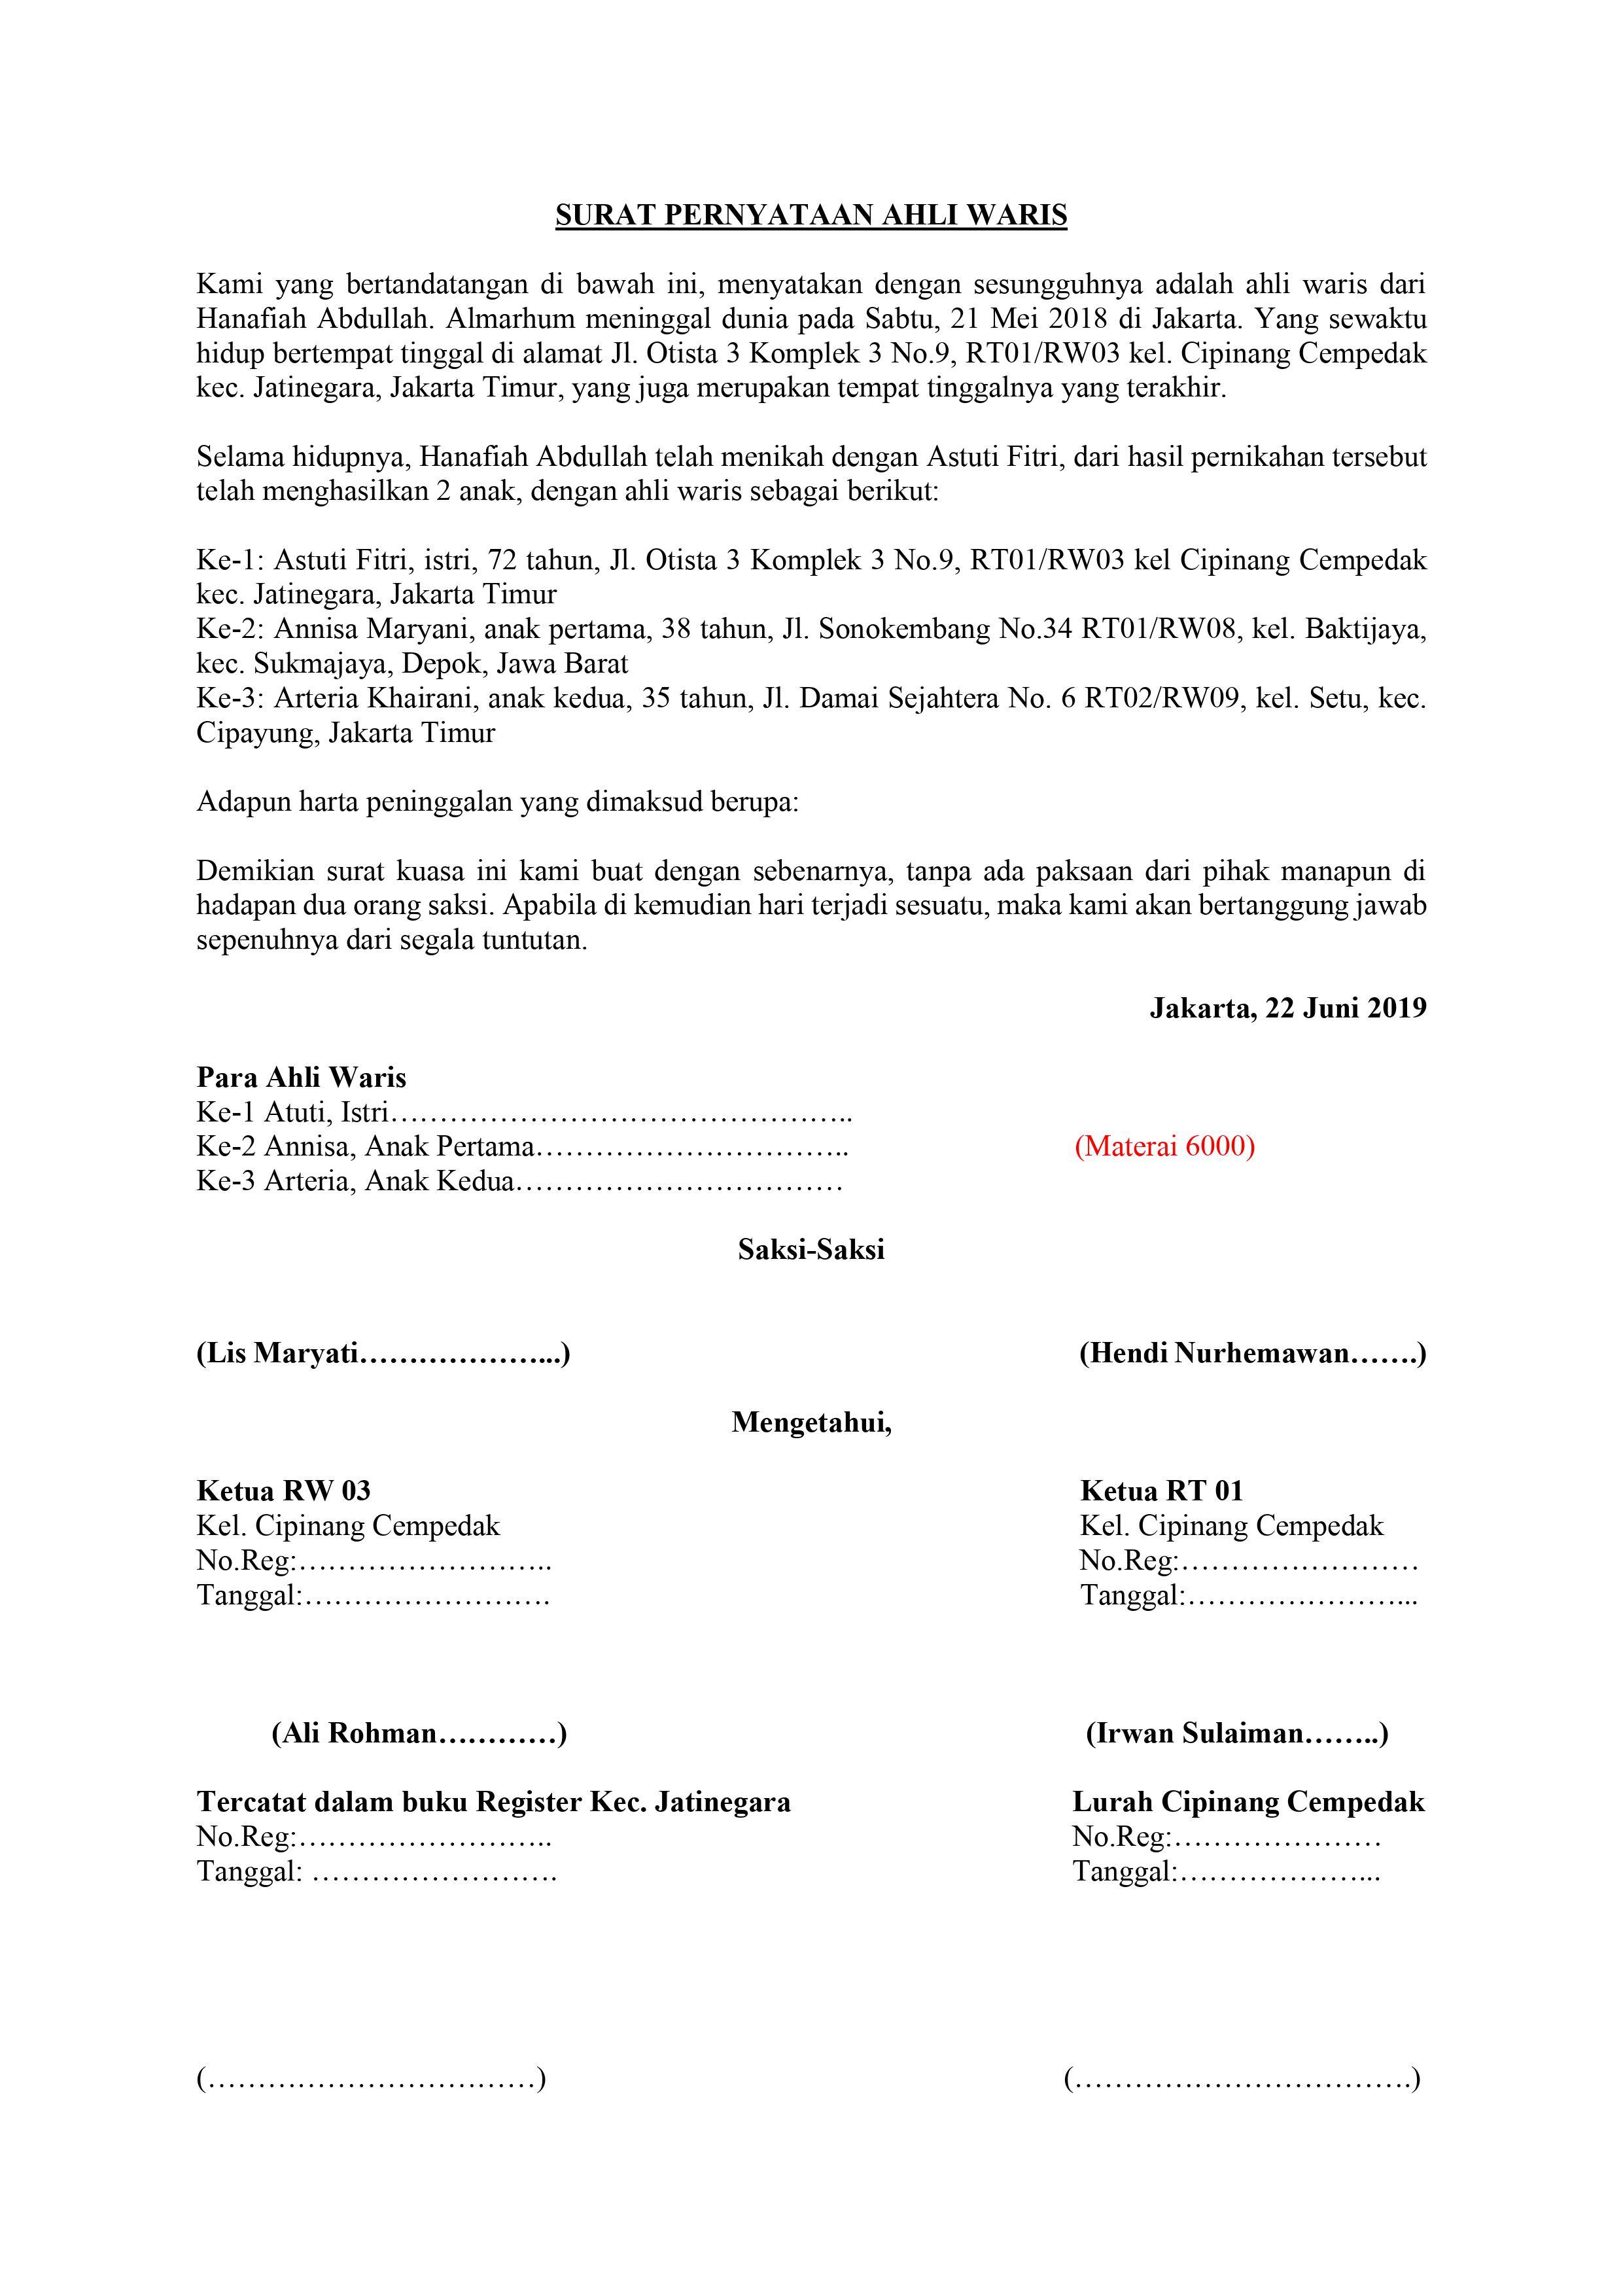 Cara Membuat Surat Keterangan Ahli Waris Beserta Contohnya Rumah123 Com